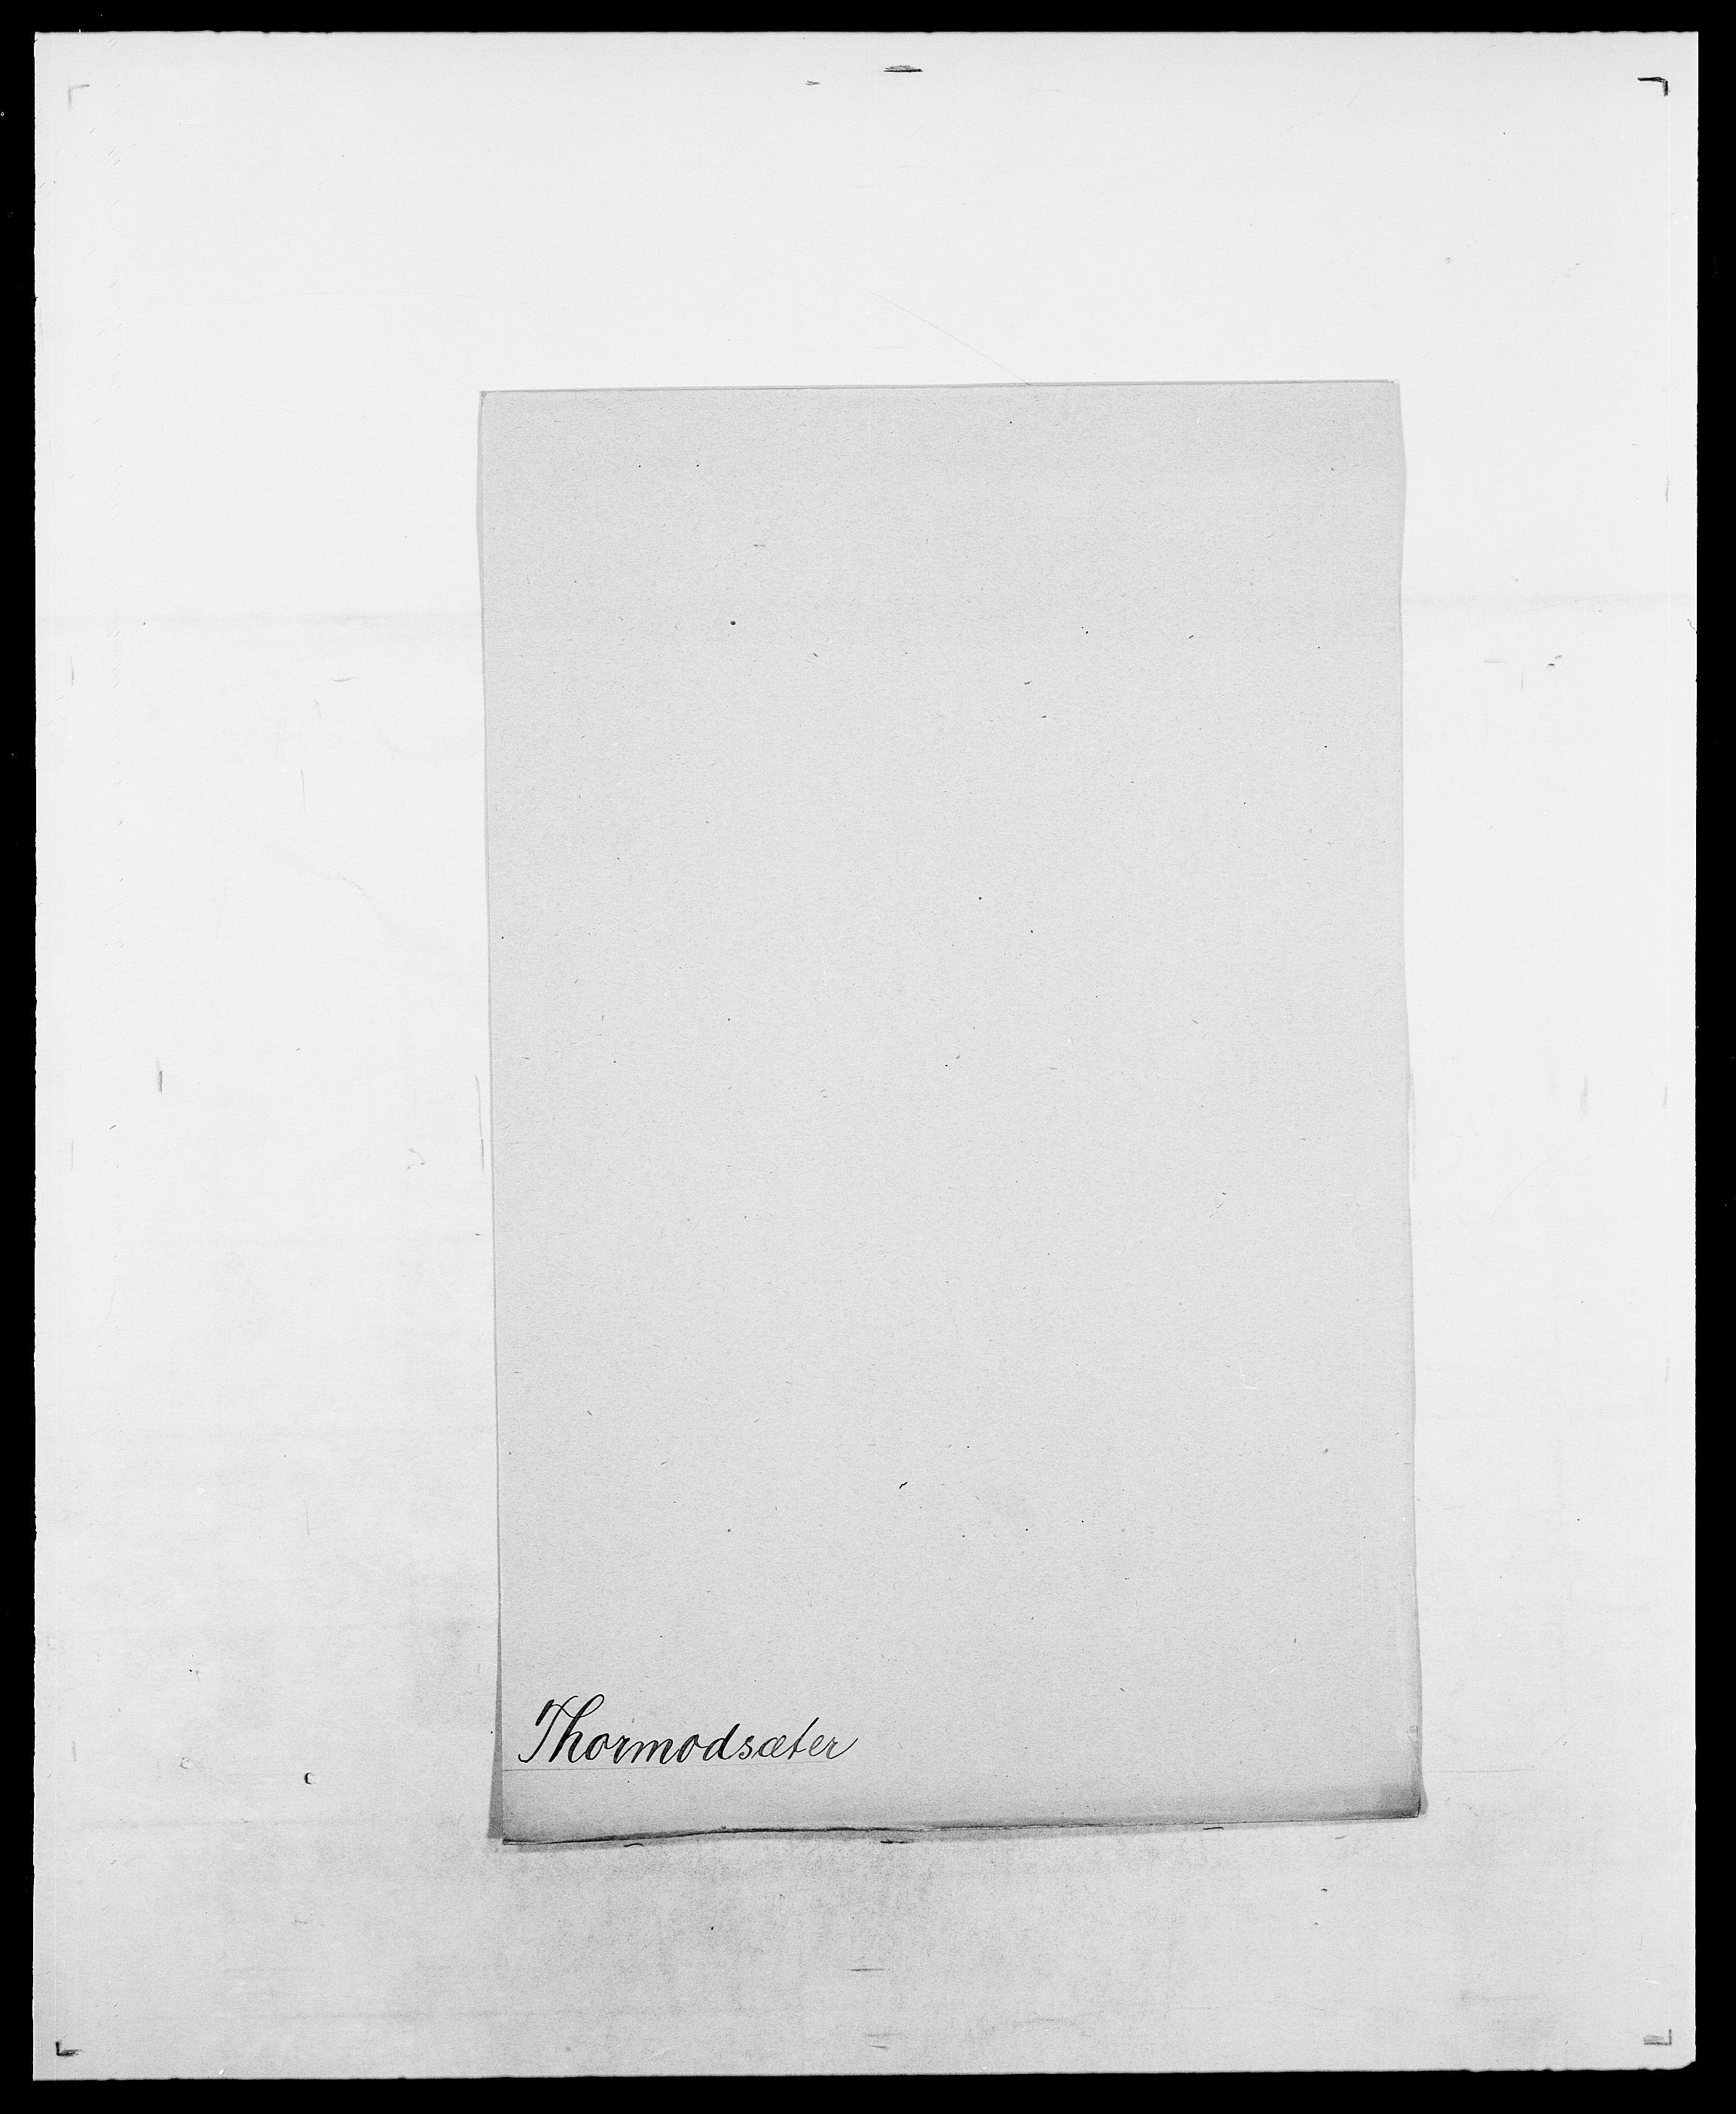 SAO, Delgobe, Charles Antoine - samling, D/Da/L0038: Svanenskjold - Thornsohn, s. 874